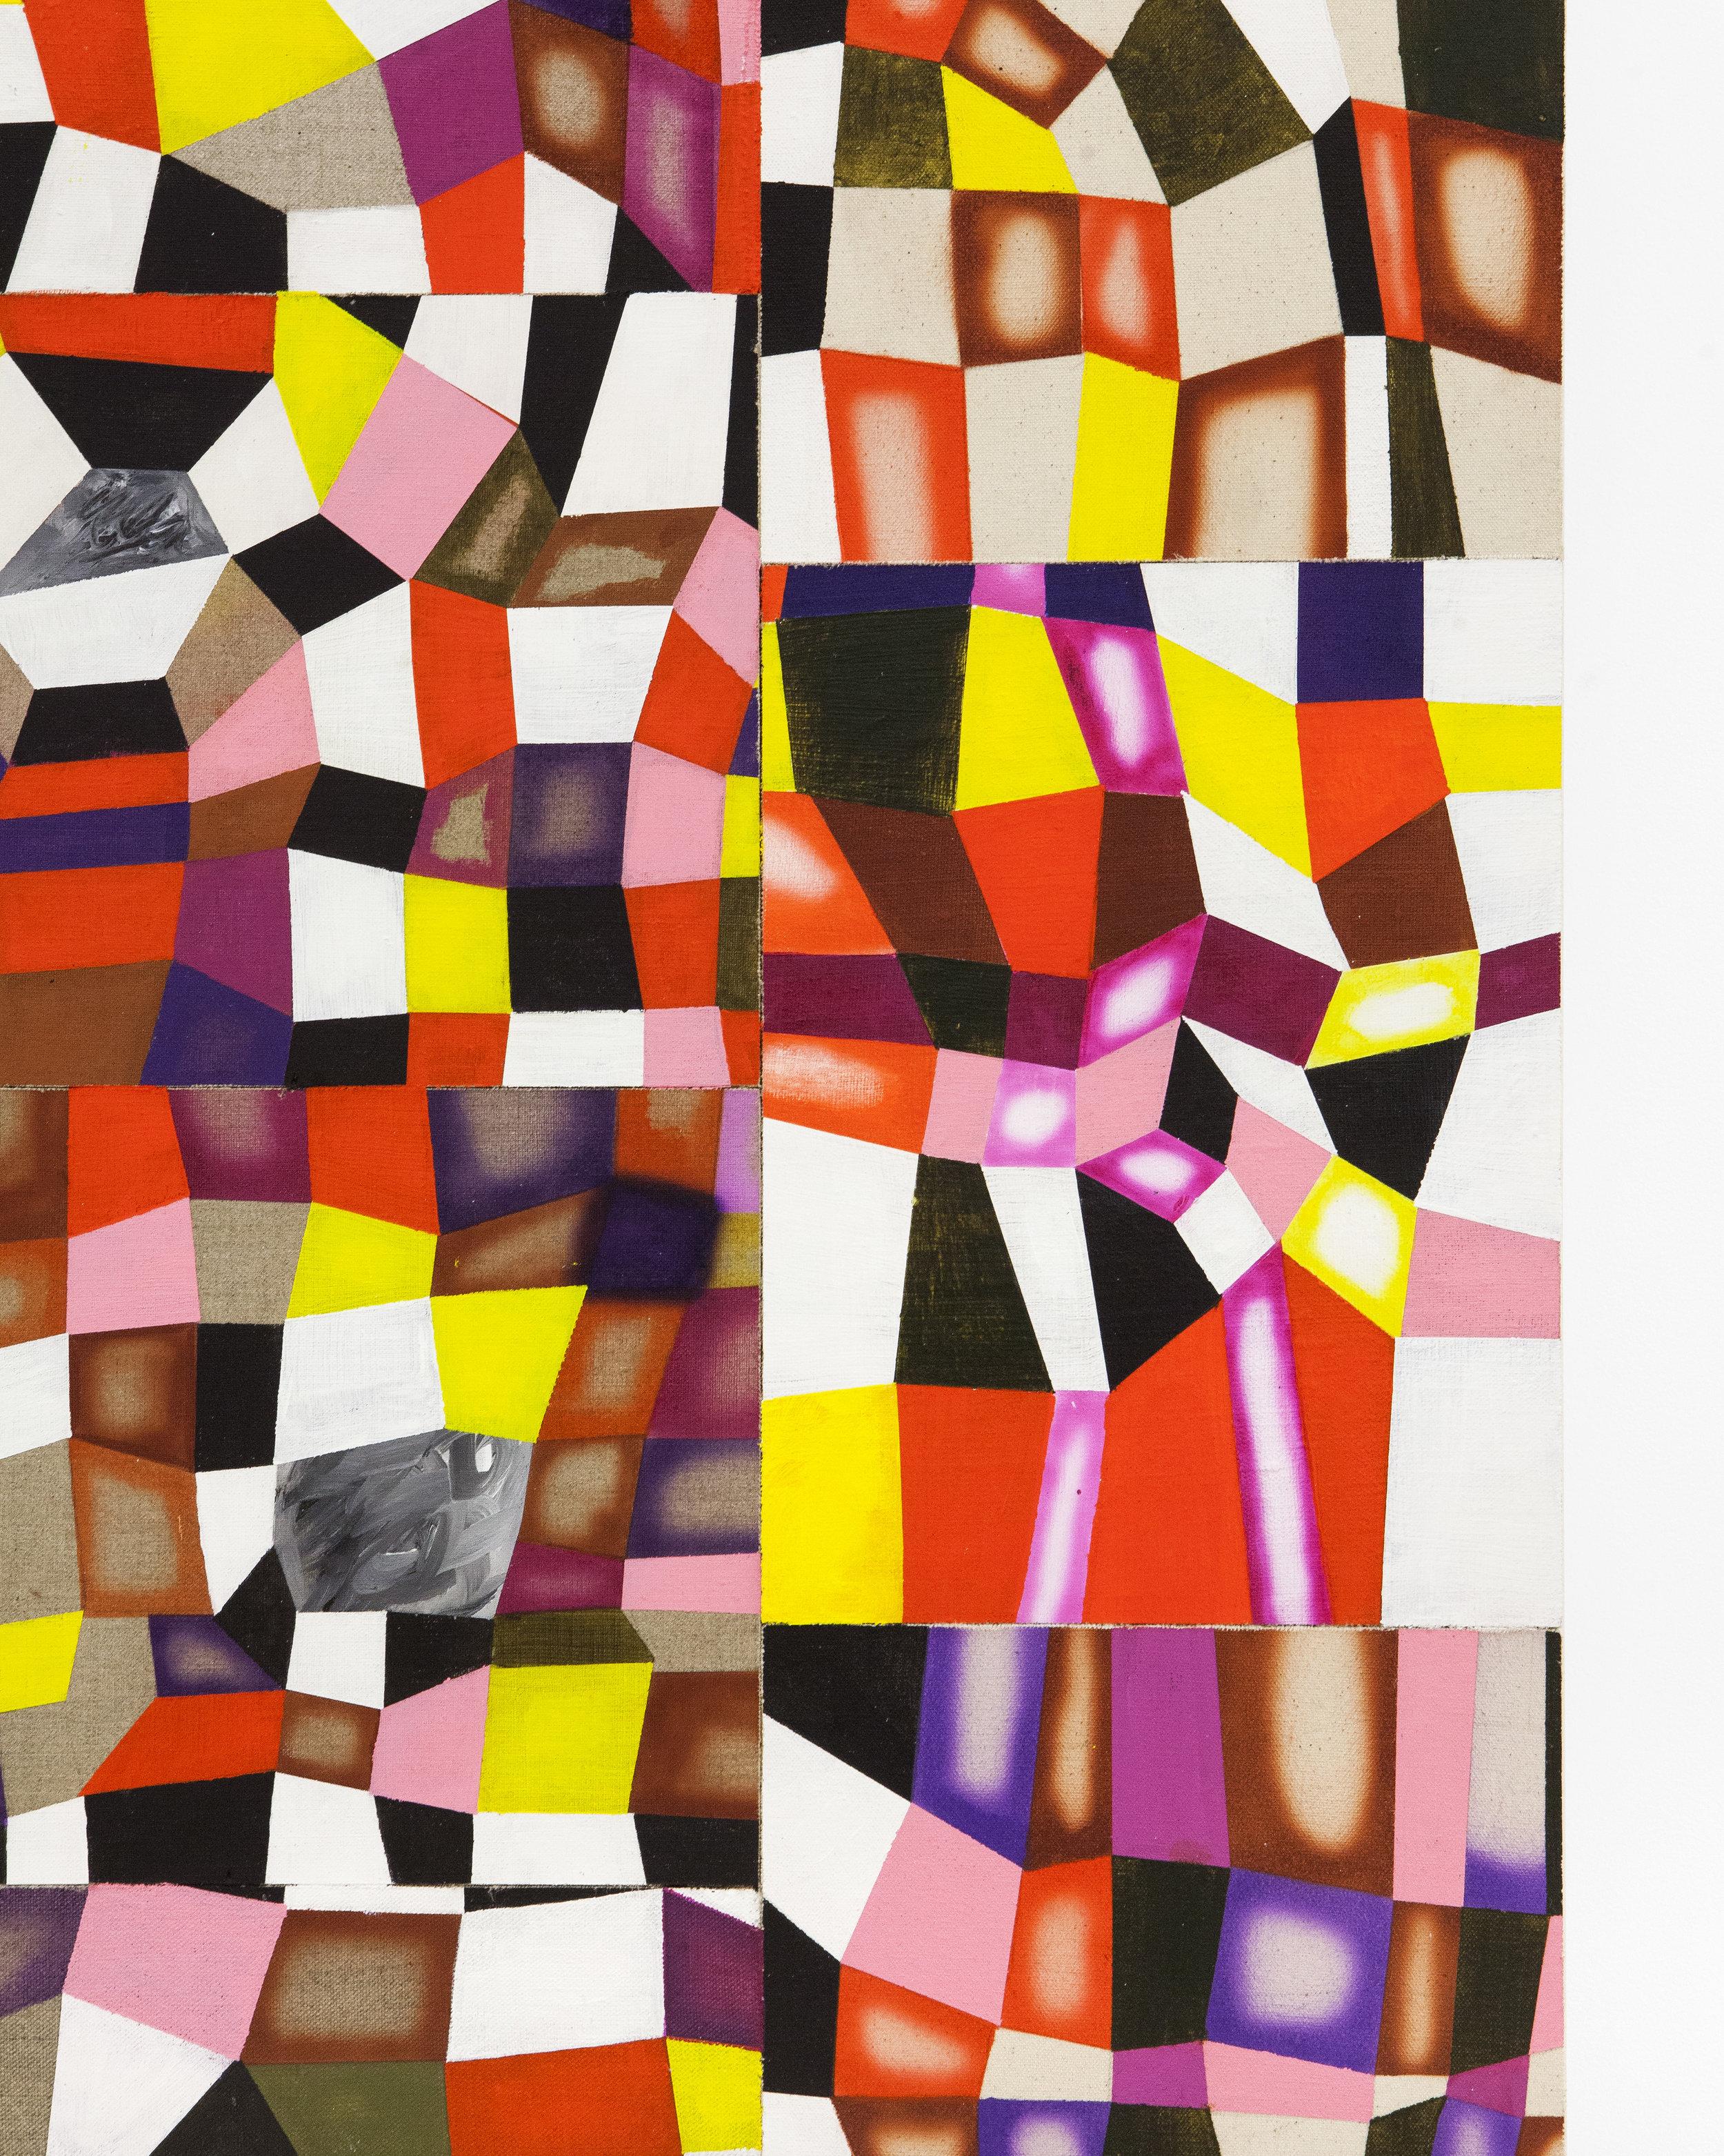 brettf_abstract_1__2.jpg